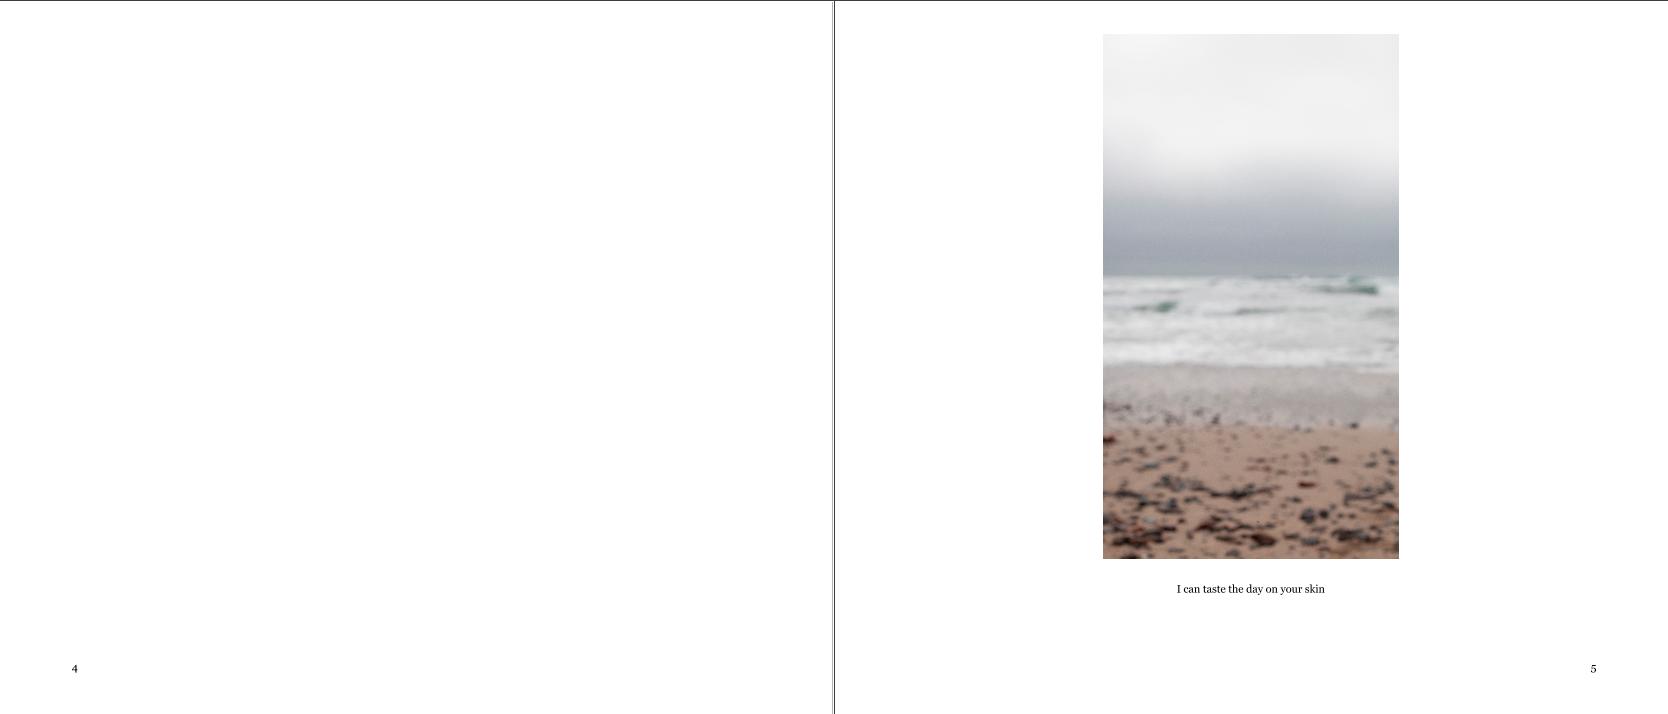 Screen Shot 2013-11-11 at 8.09.01 PM.png